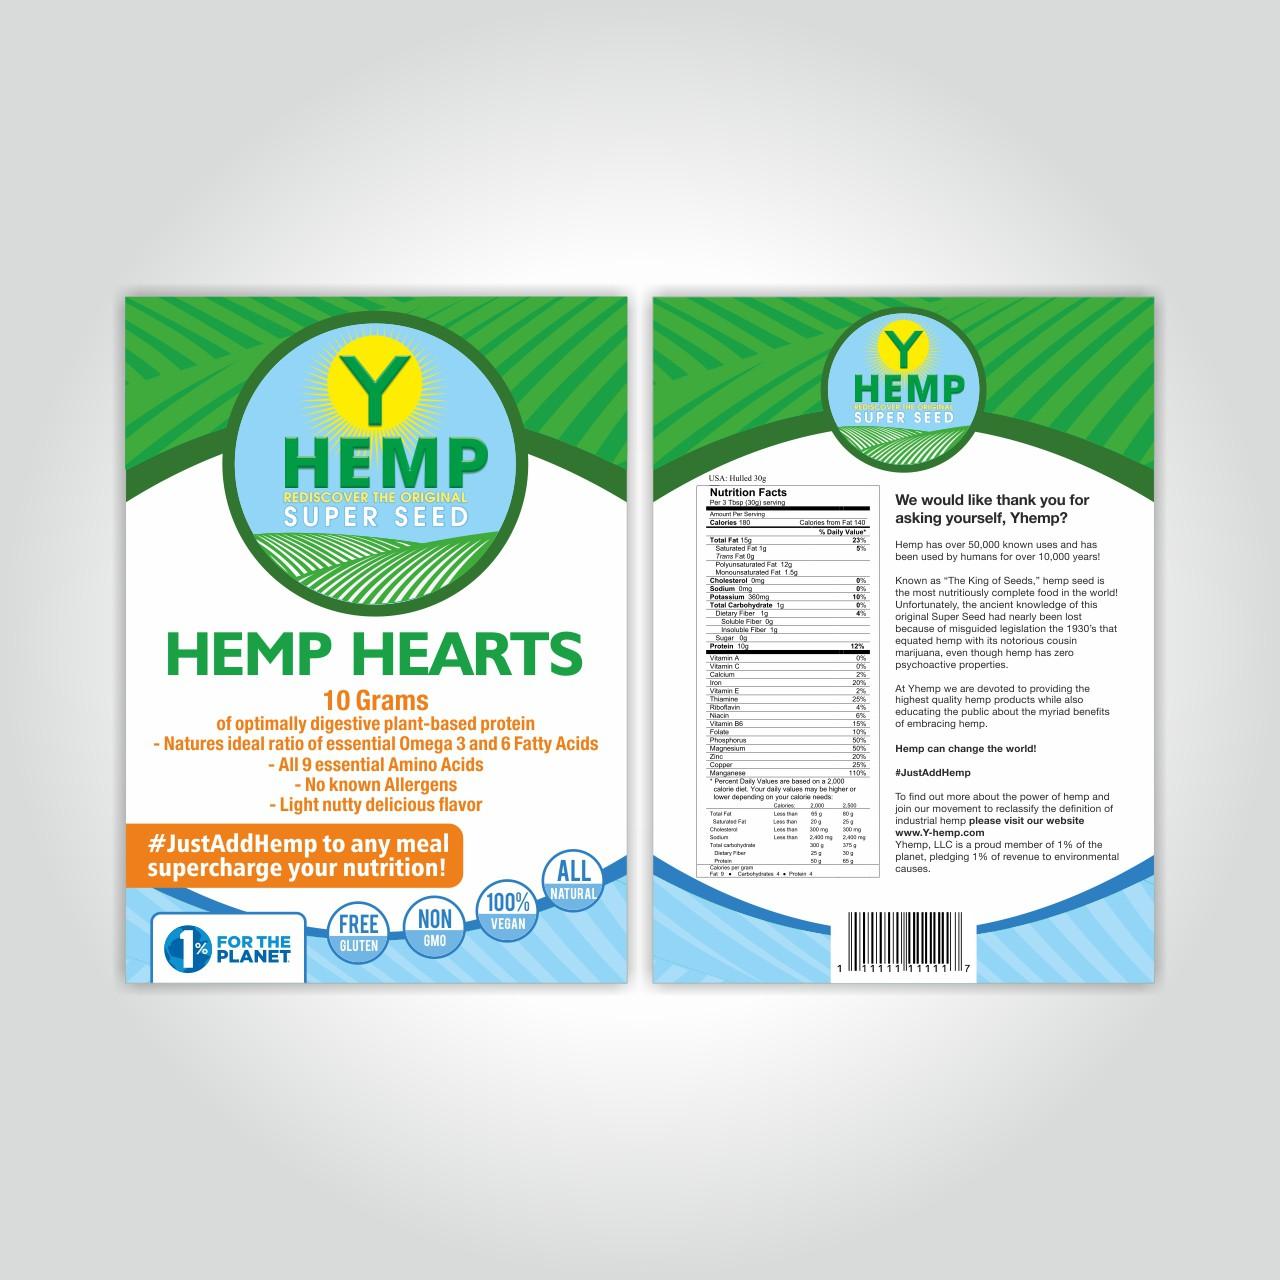 Yhemp?! Seeds to change the world.